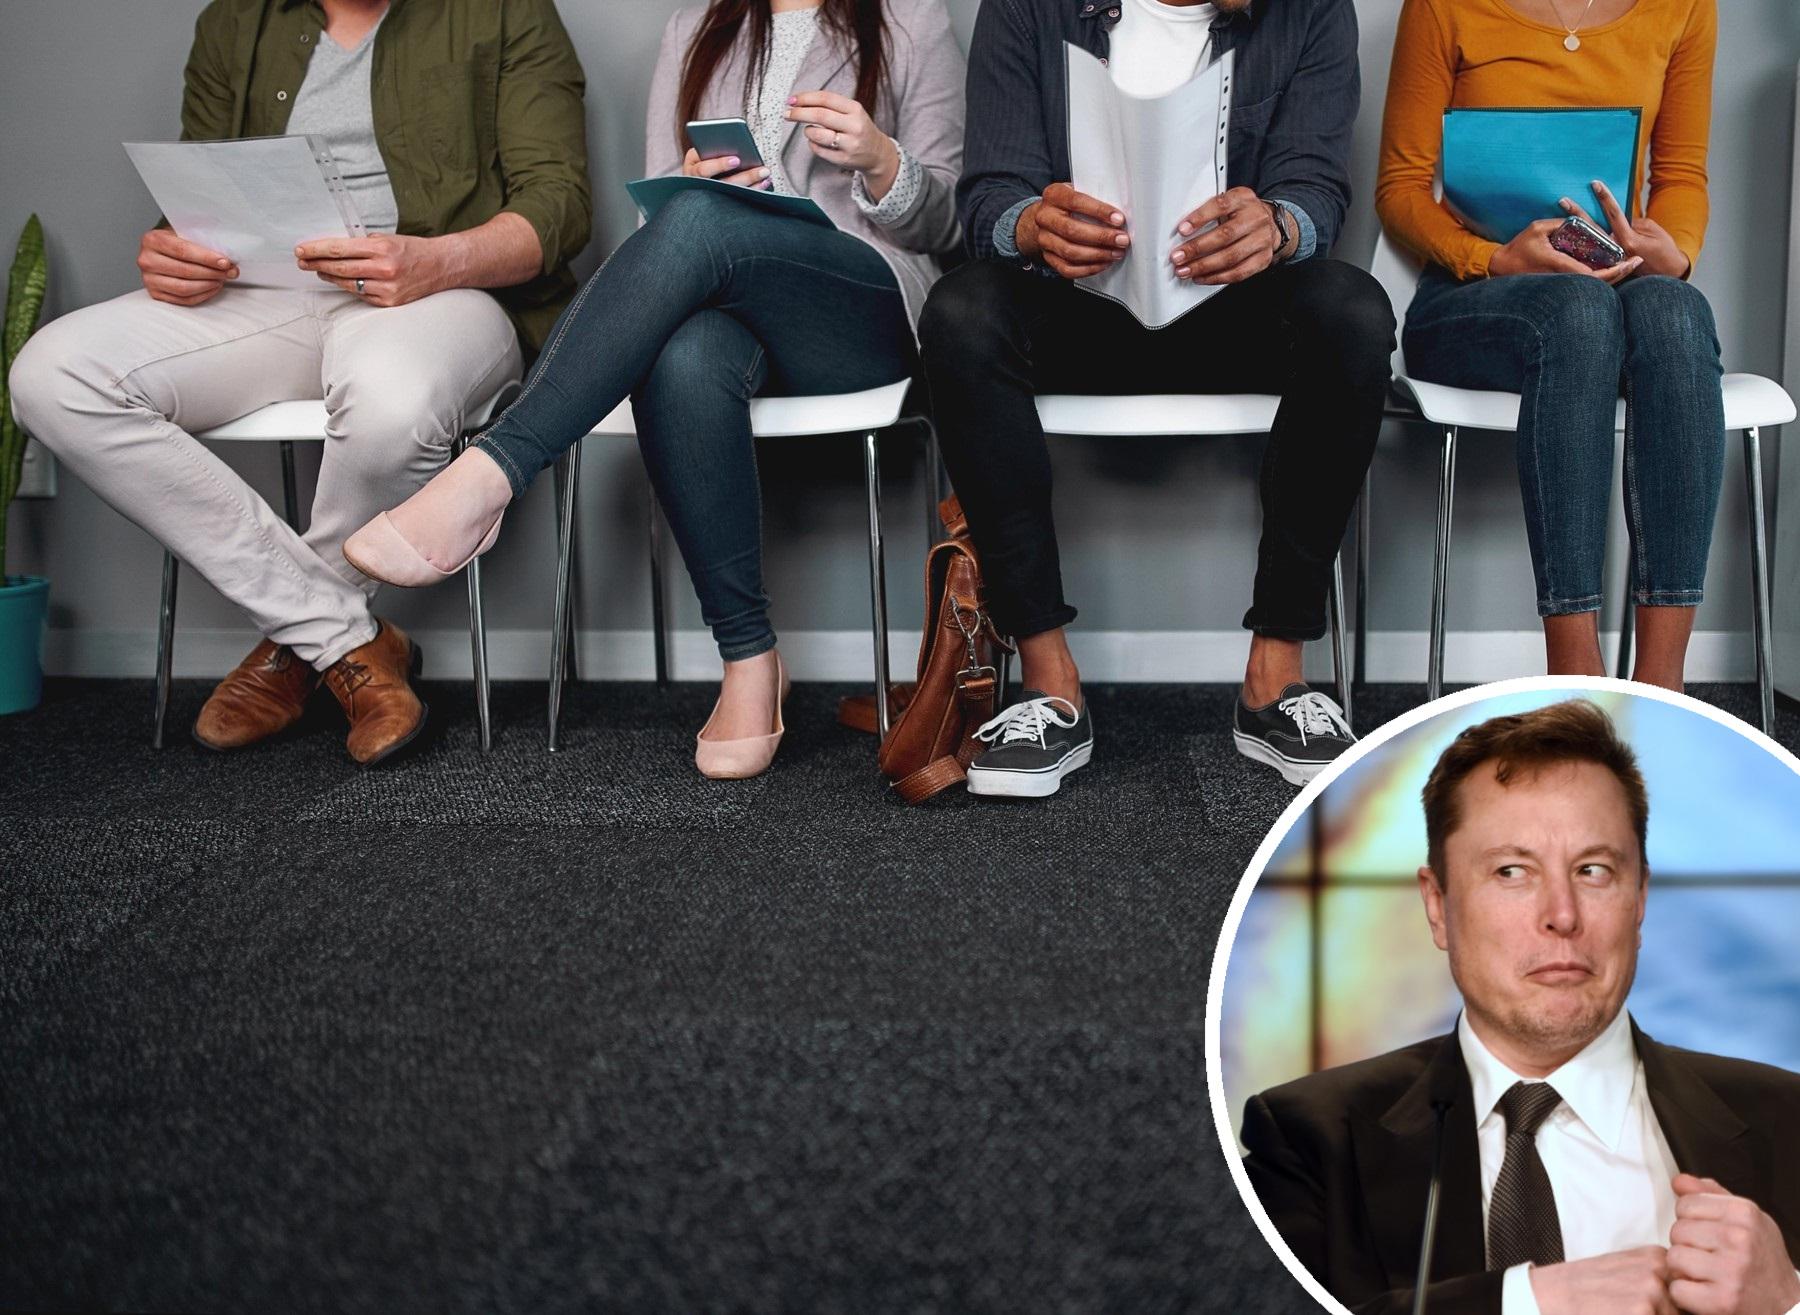 Ilustracija razgovora za posao i Elon Musk u krugu